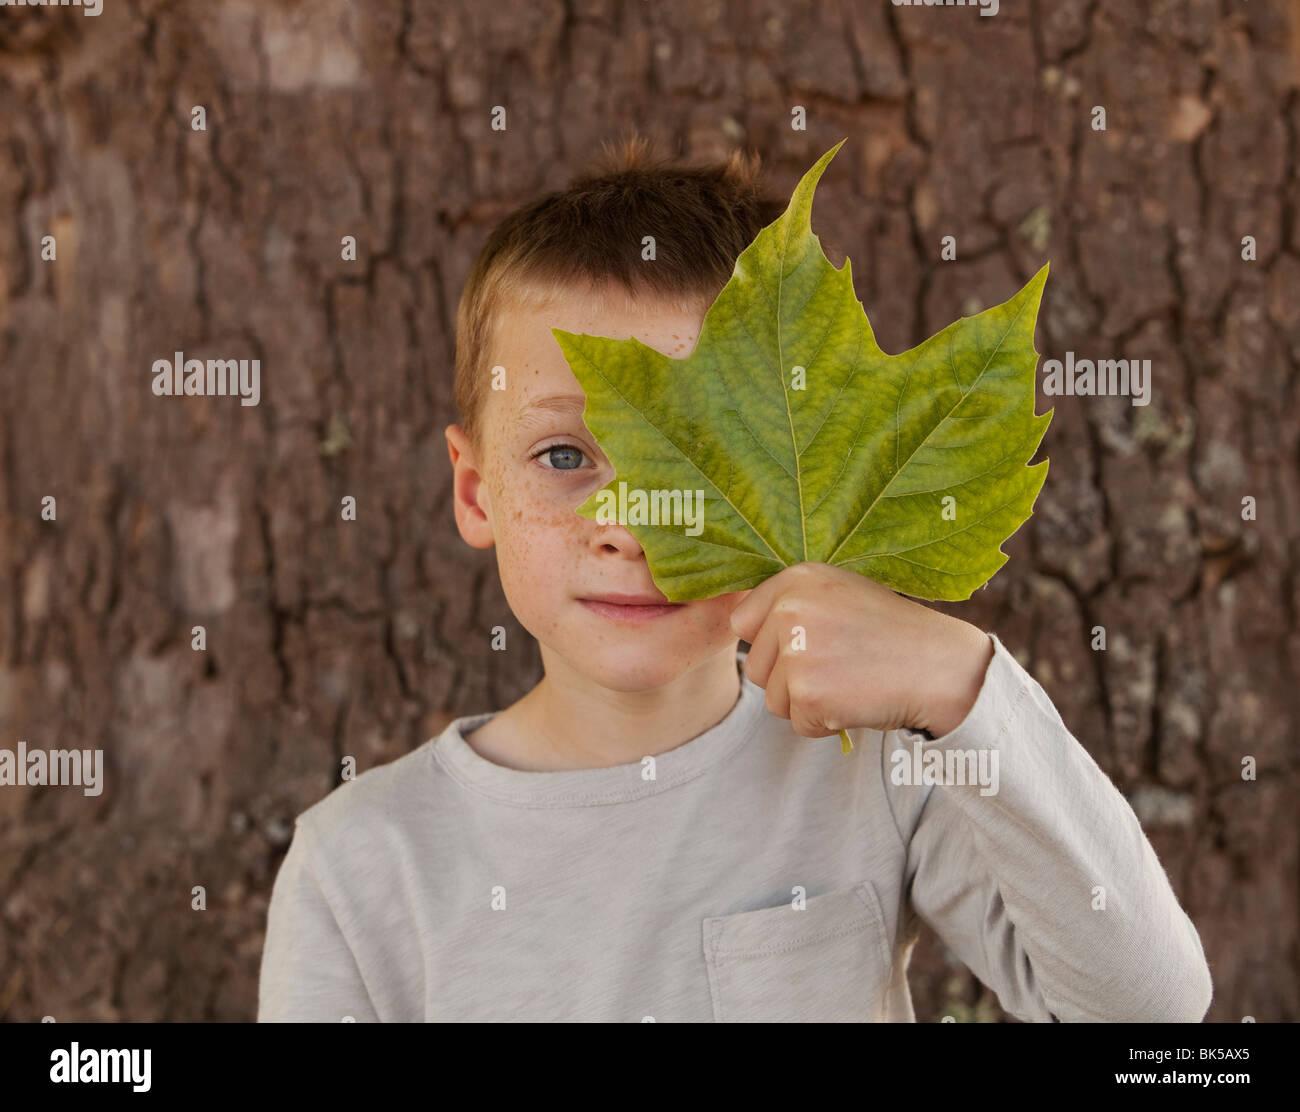 Garçon de se cacher derrière de grandes feuilles vert Photo Stock